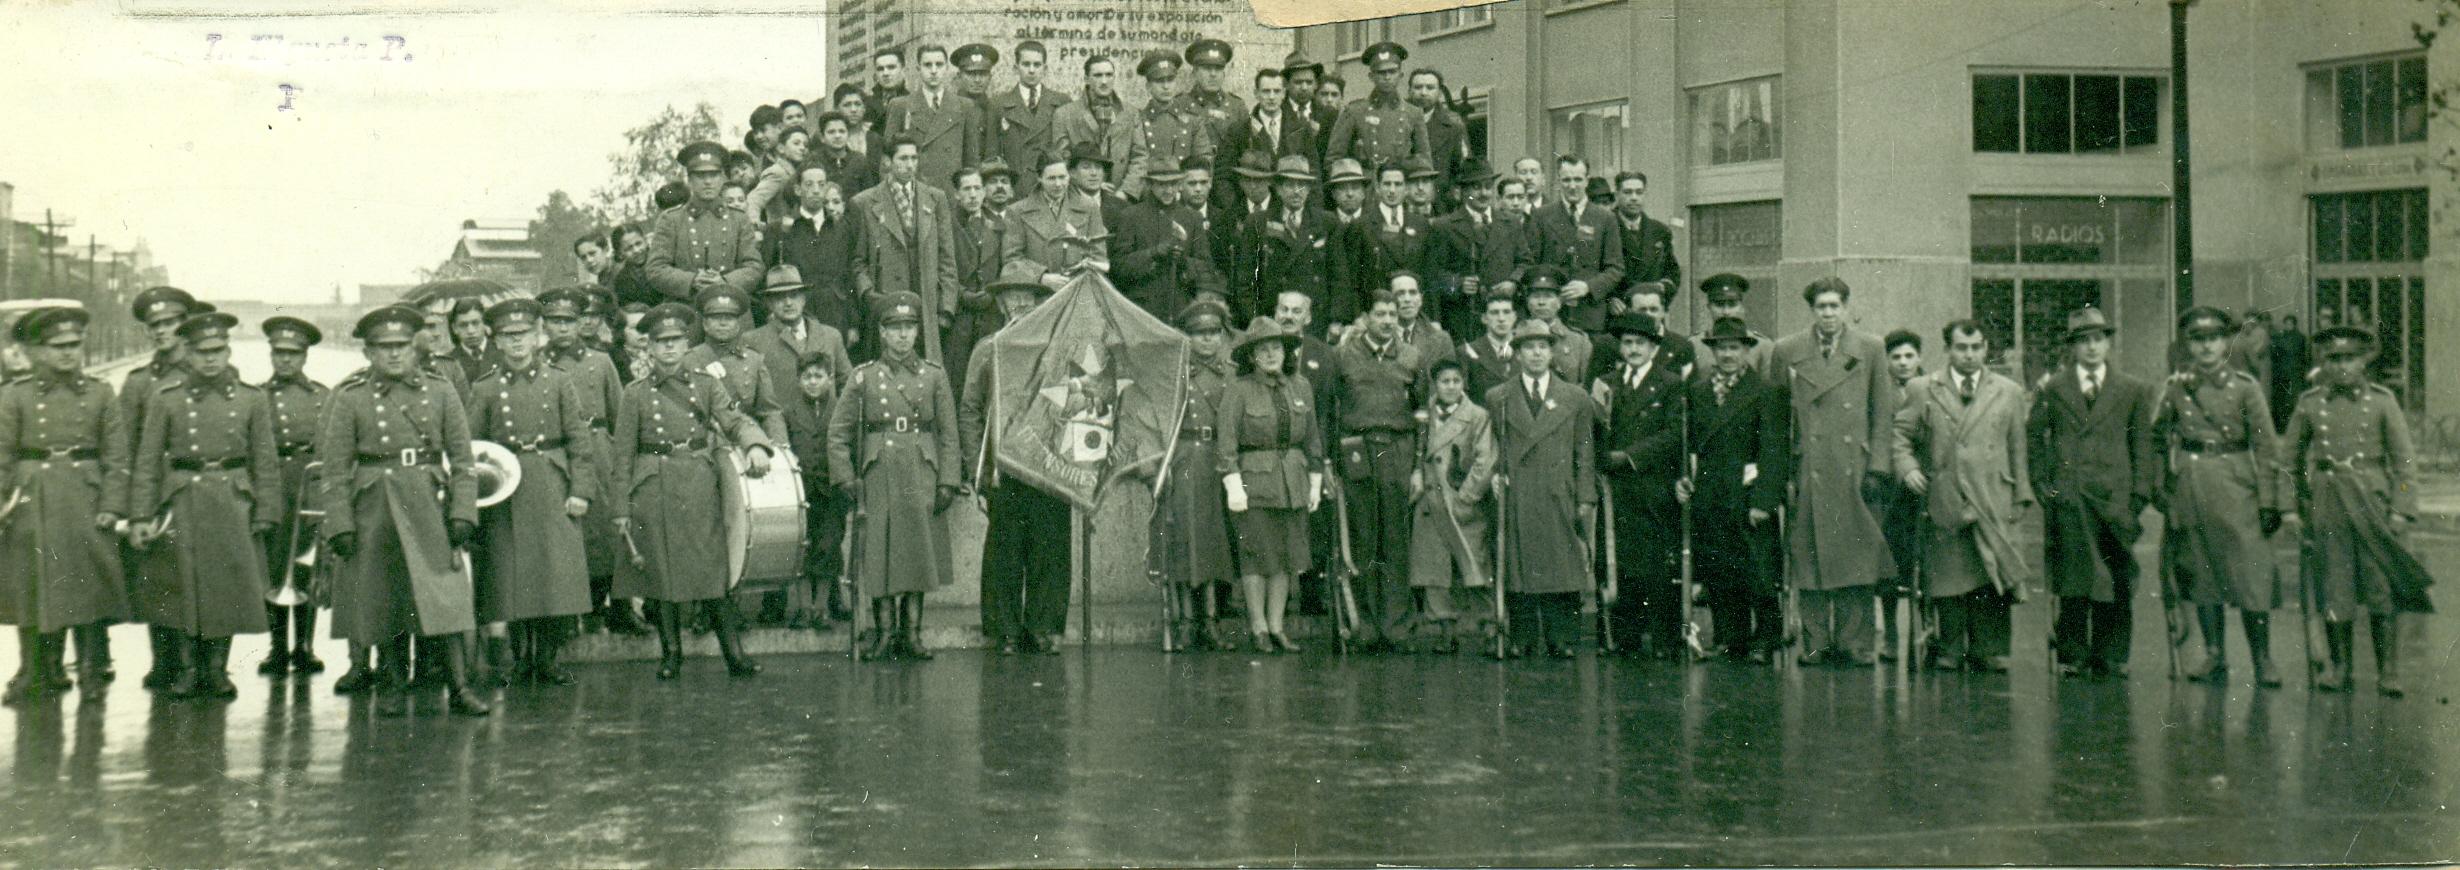 Enterreno - Fotos históricas de chile - fotos antiguas de Chile - Club de Tiro Defensores de Chile en 1940